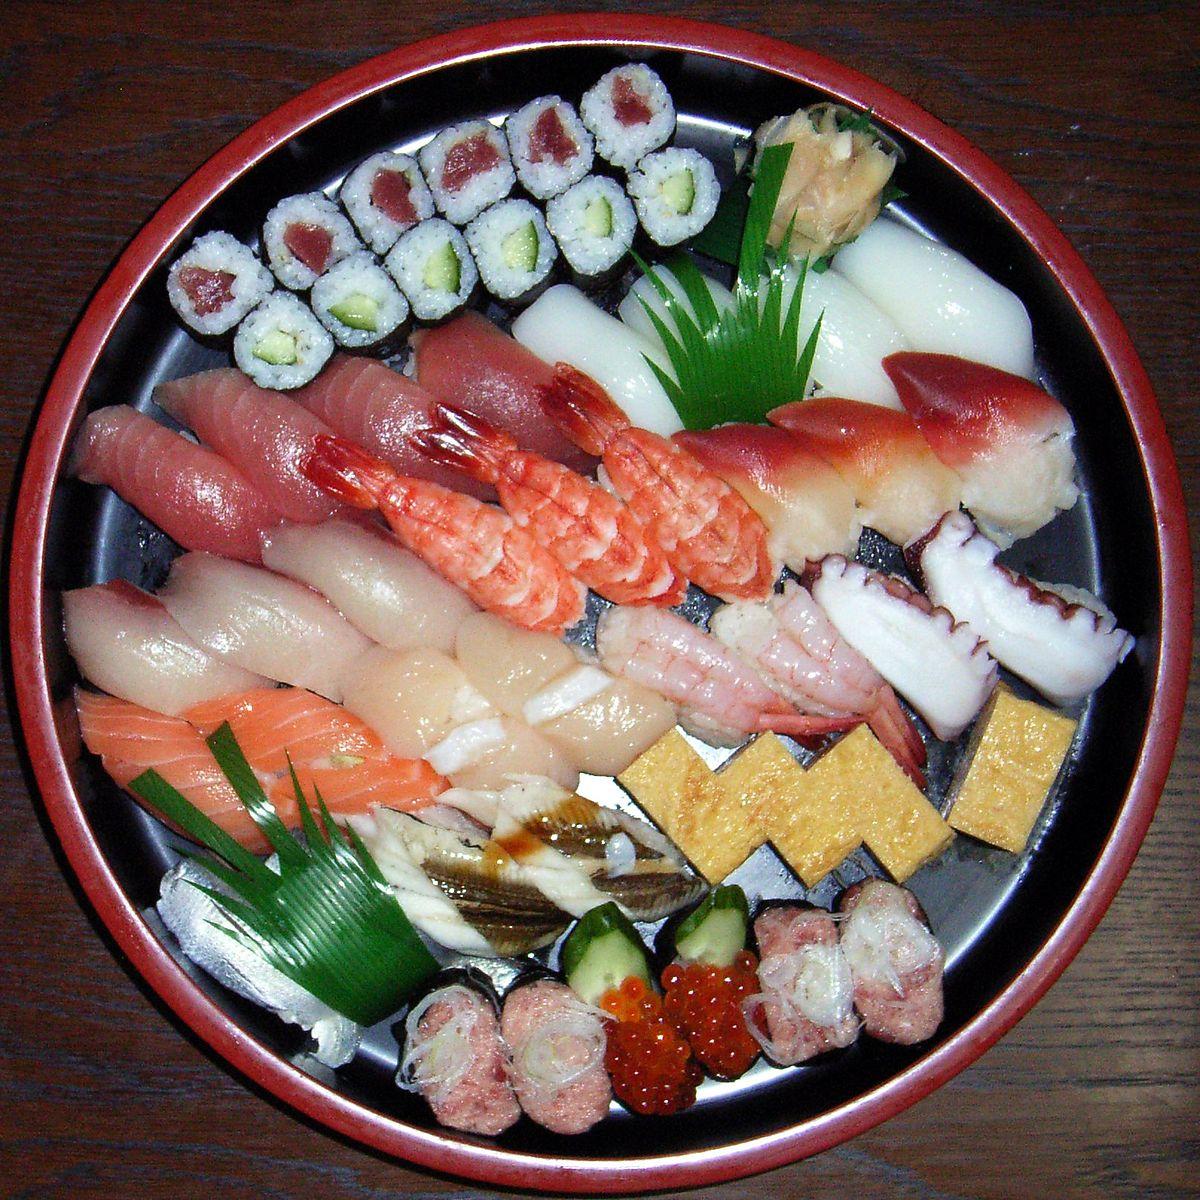 Best Sushi in Shawnee in 2021